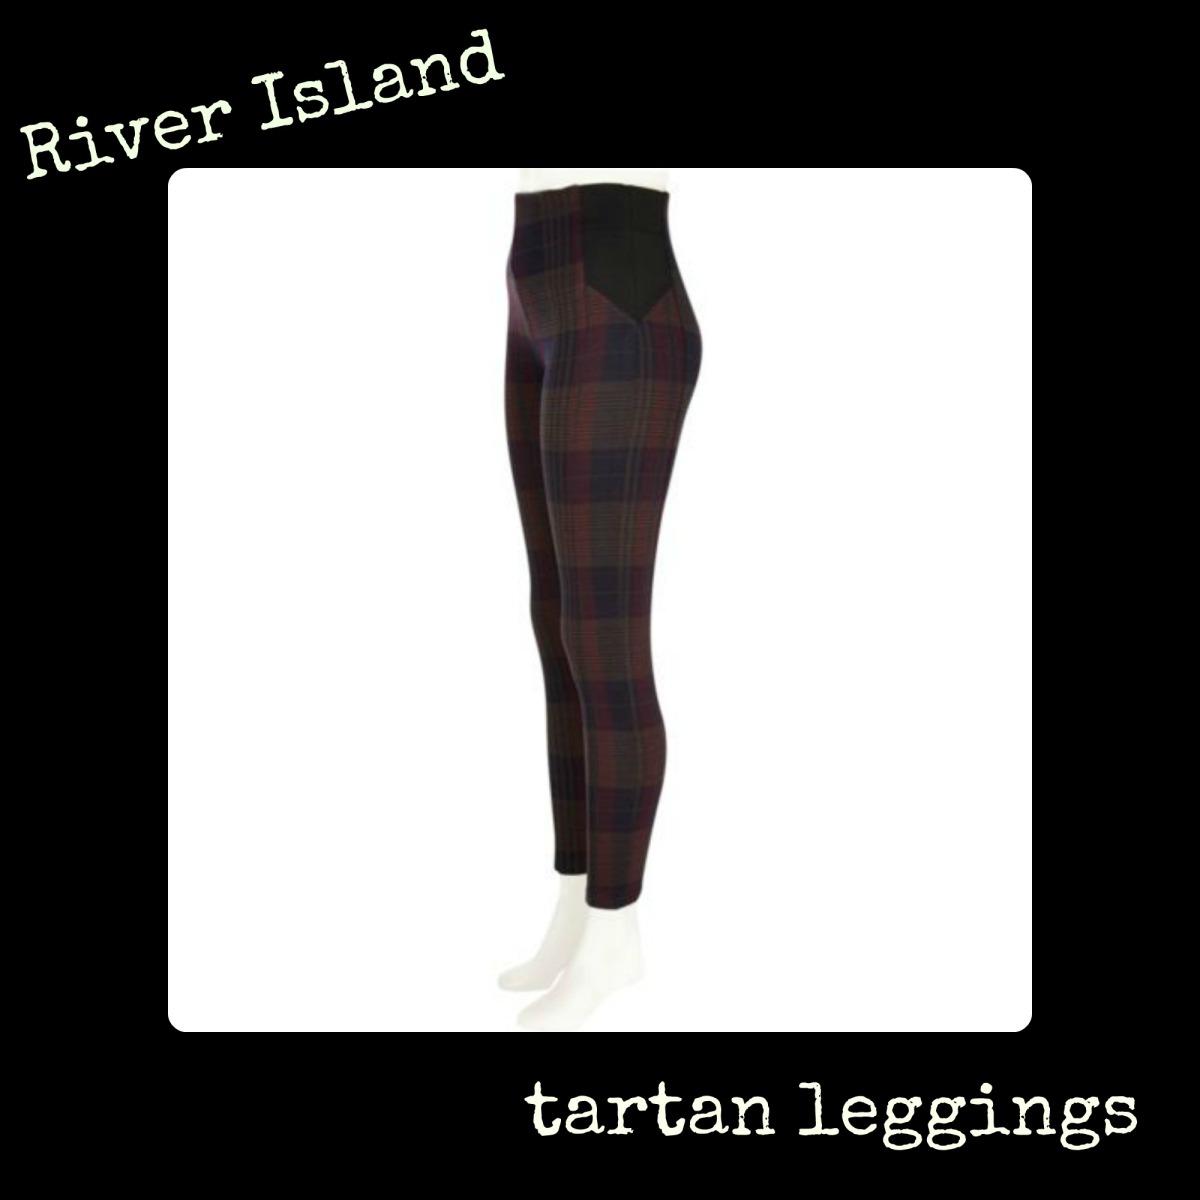 tartan legging